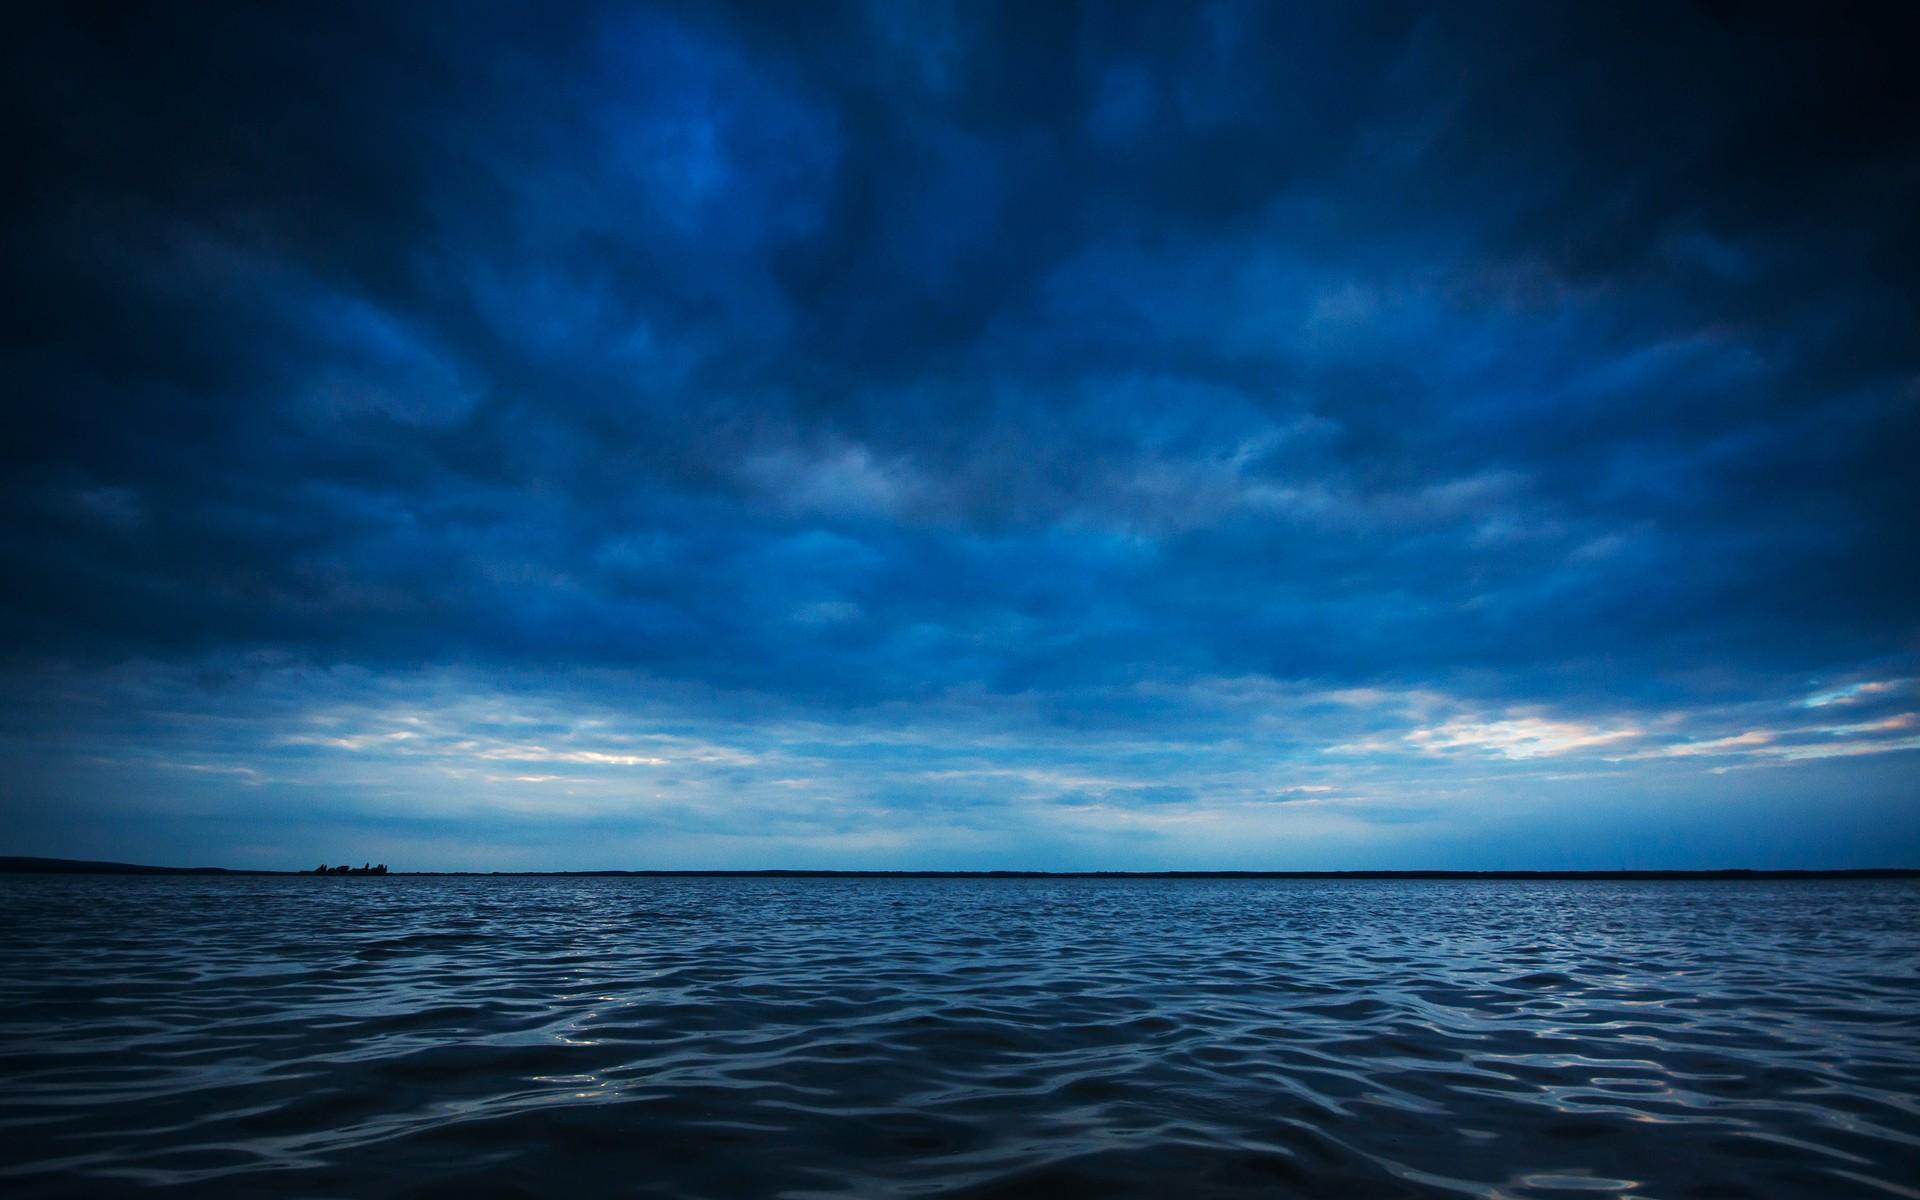 El mar y nubes de azul - 1920x1200